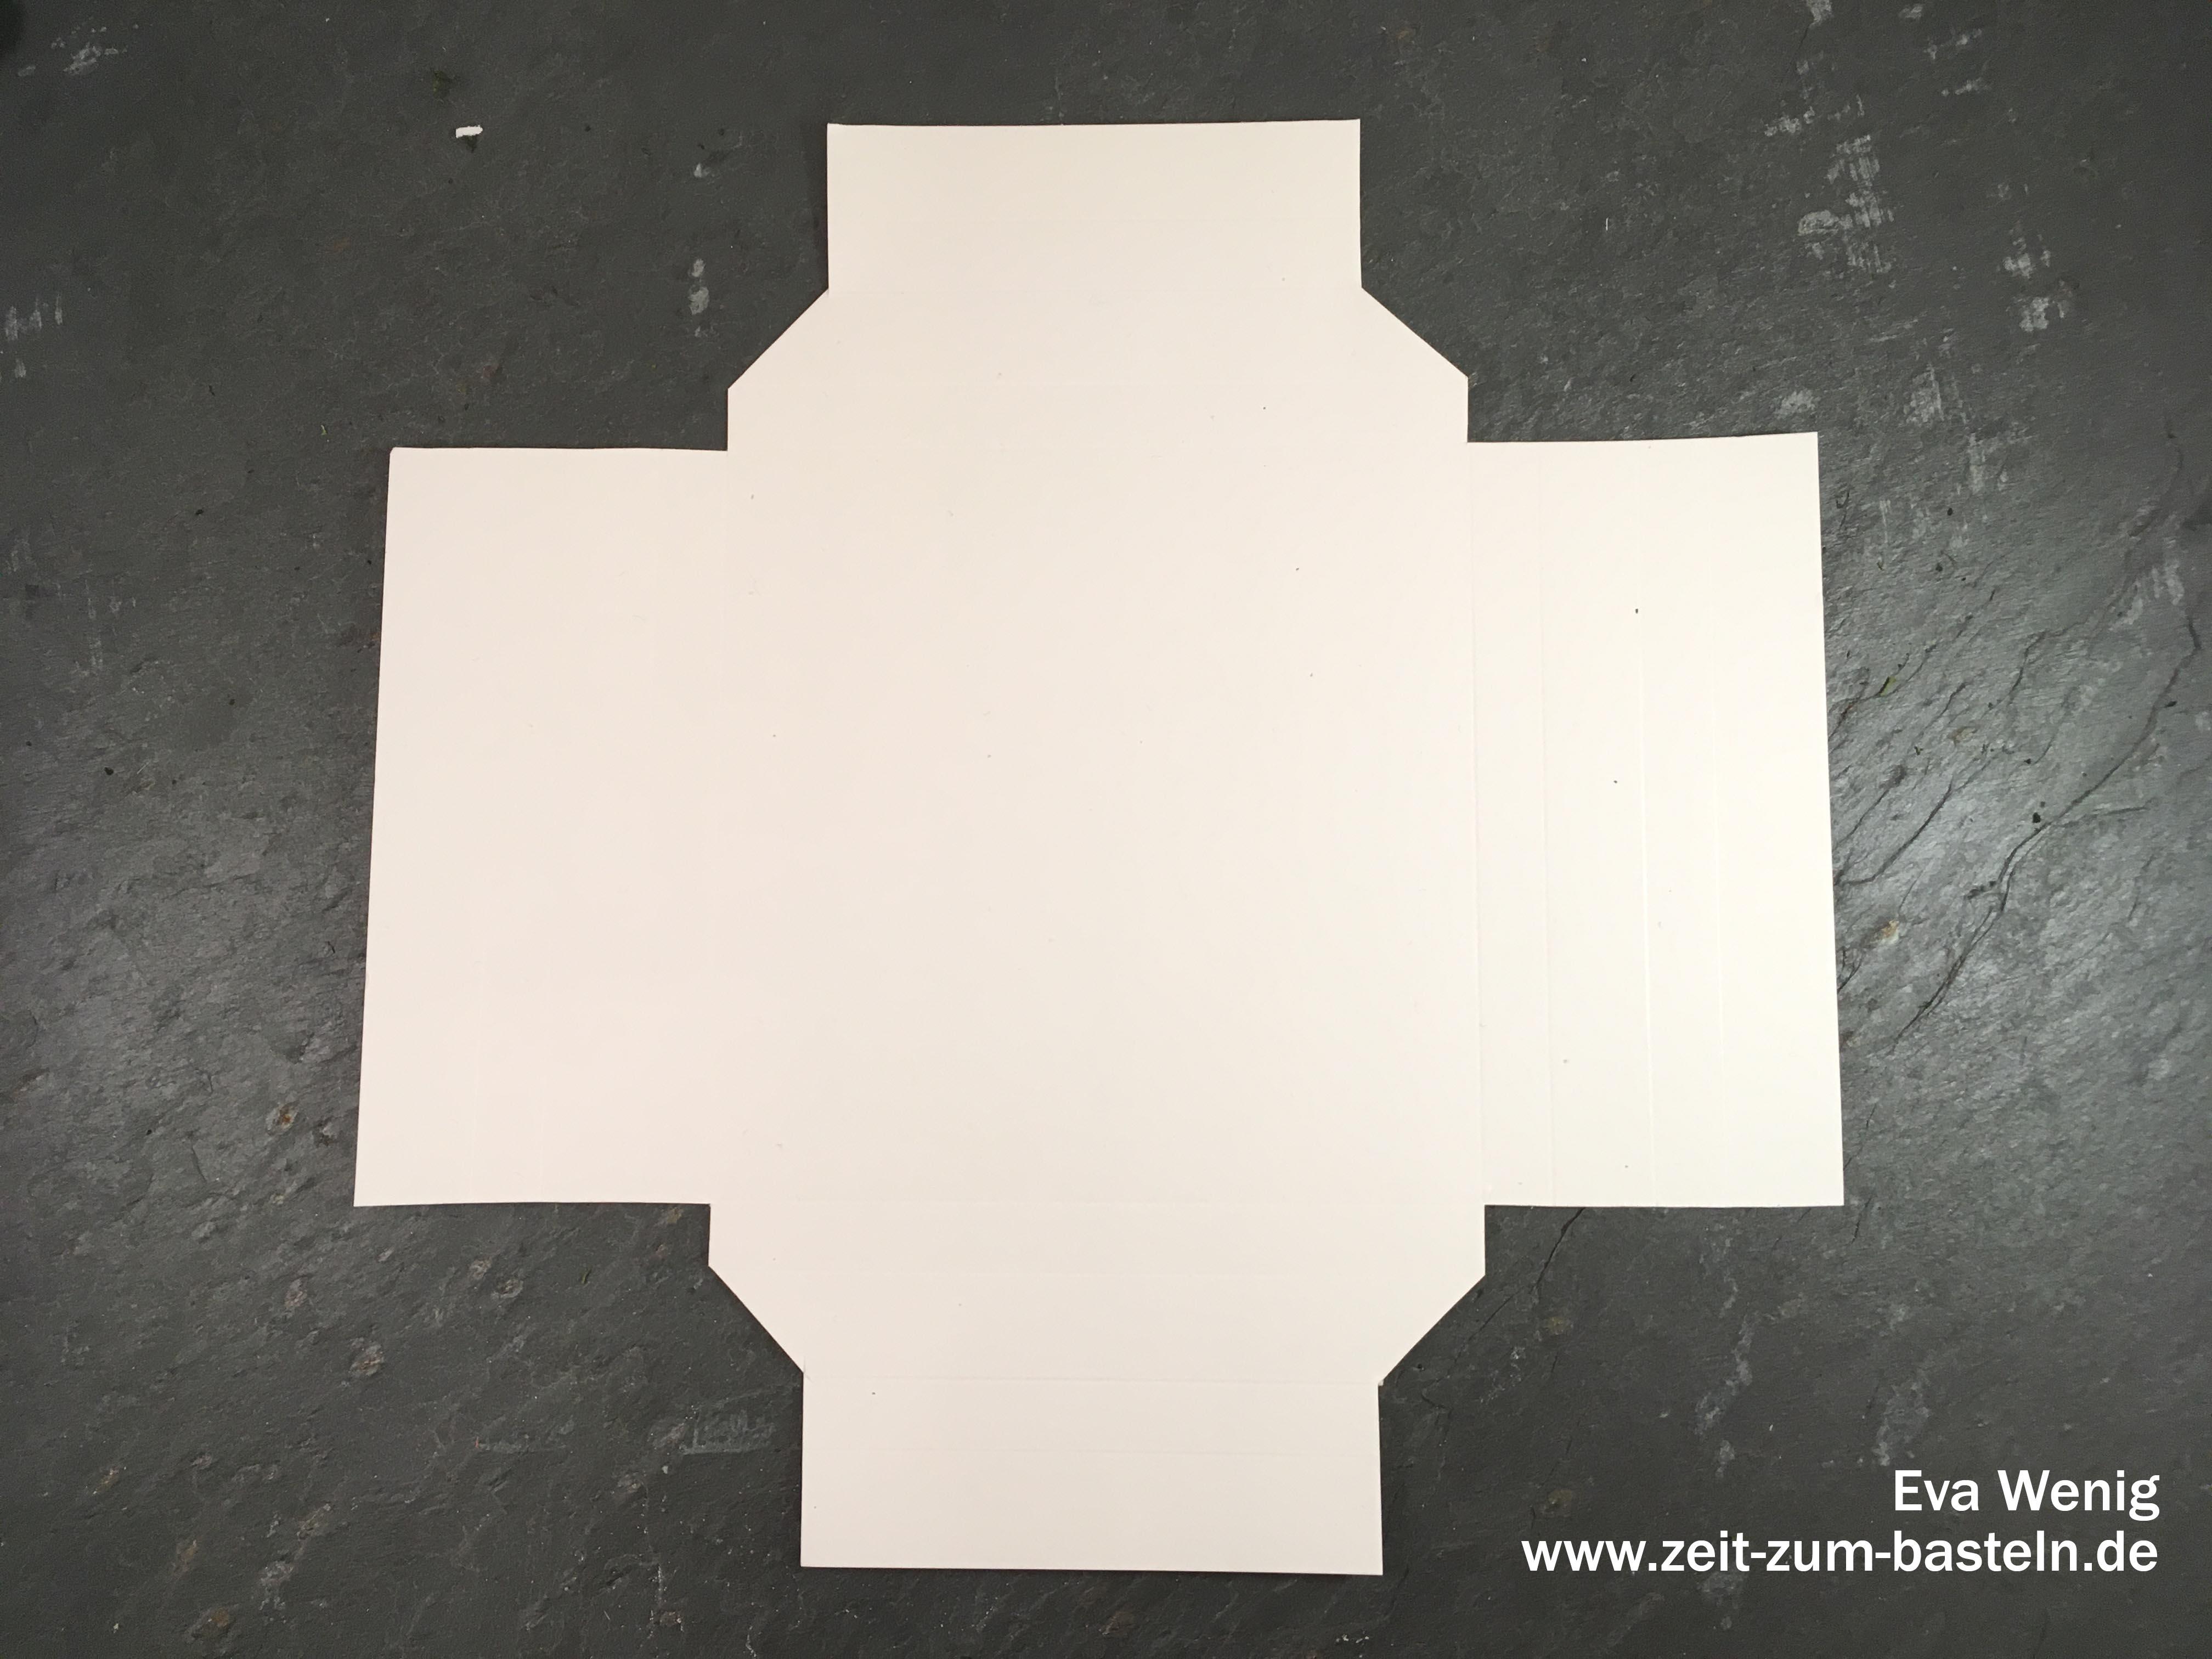 Freebie - Anleitung und Rechner für 3D Rahmen aus Papier  -Stampin up - www.zeit-zum-basteln.de